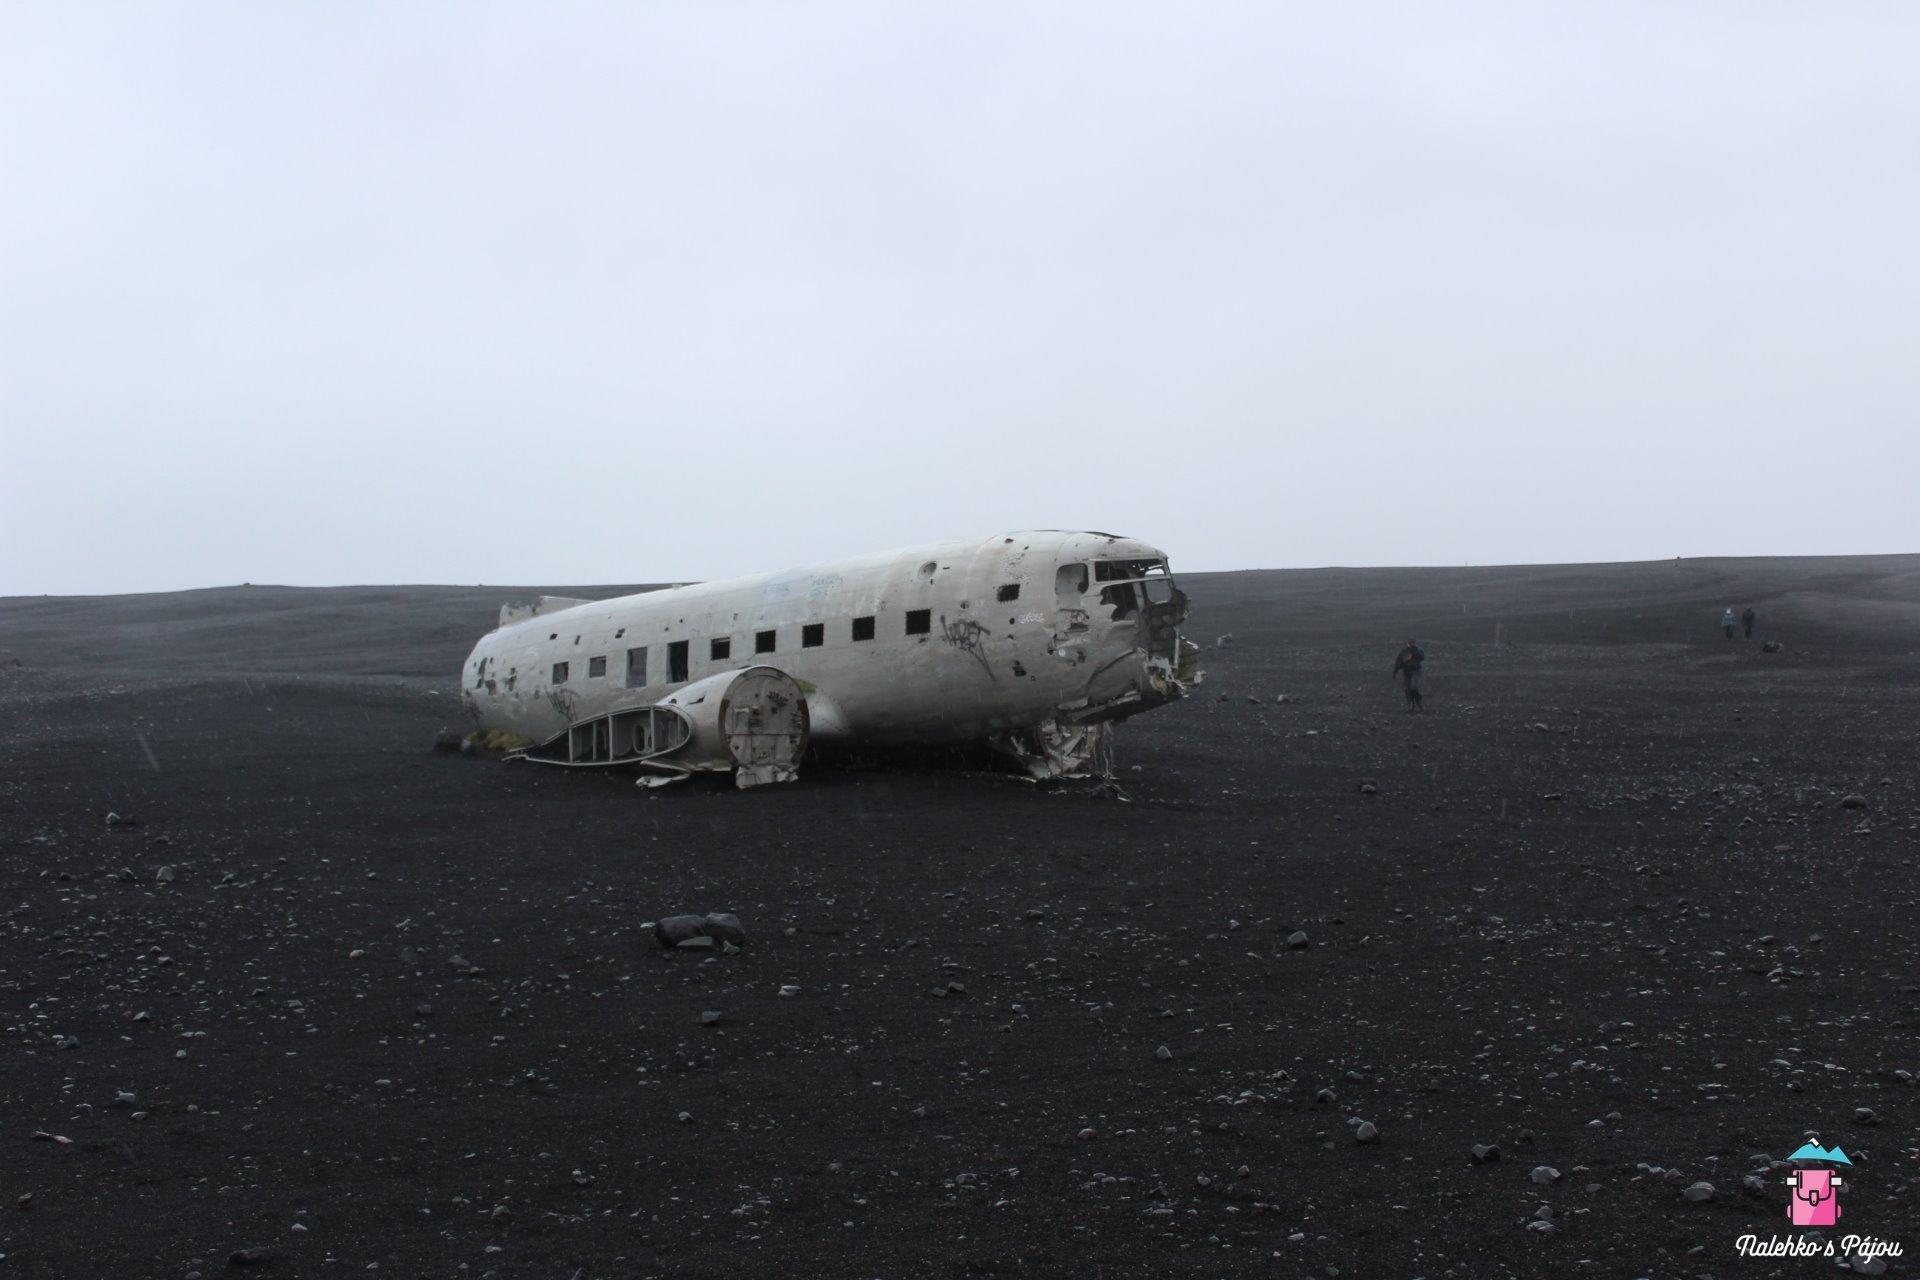 Vrak letadla, který stojí uprostřed neskutečné planiny